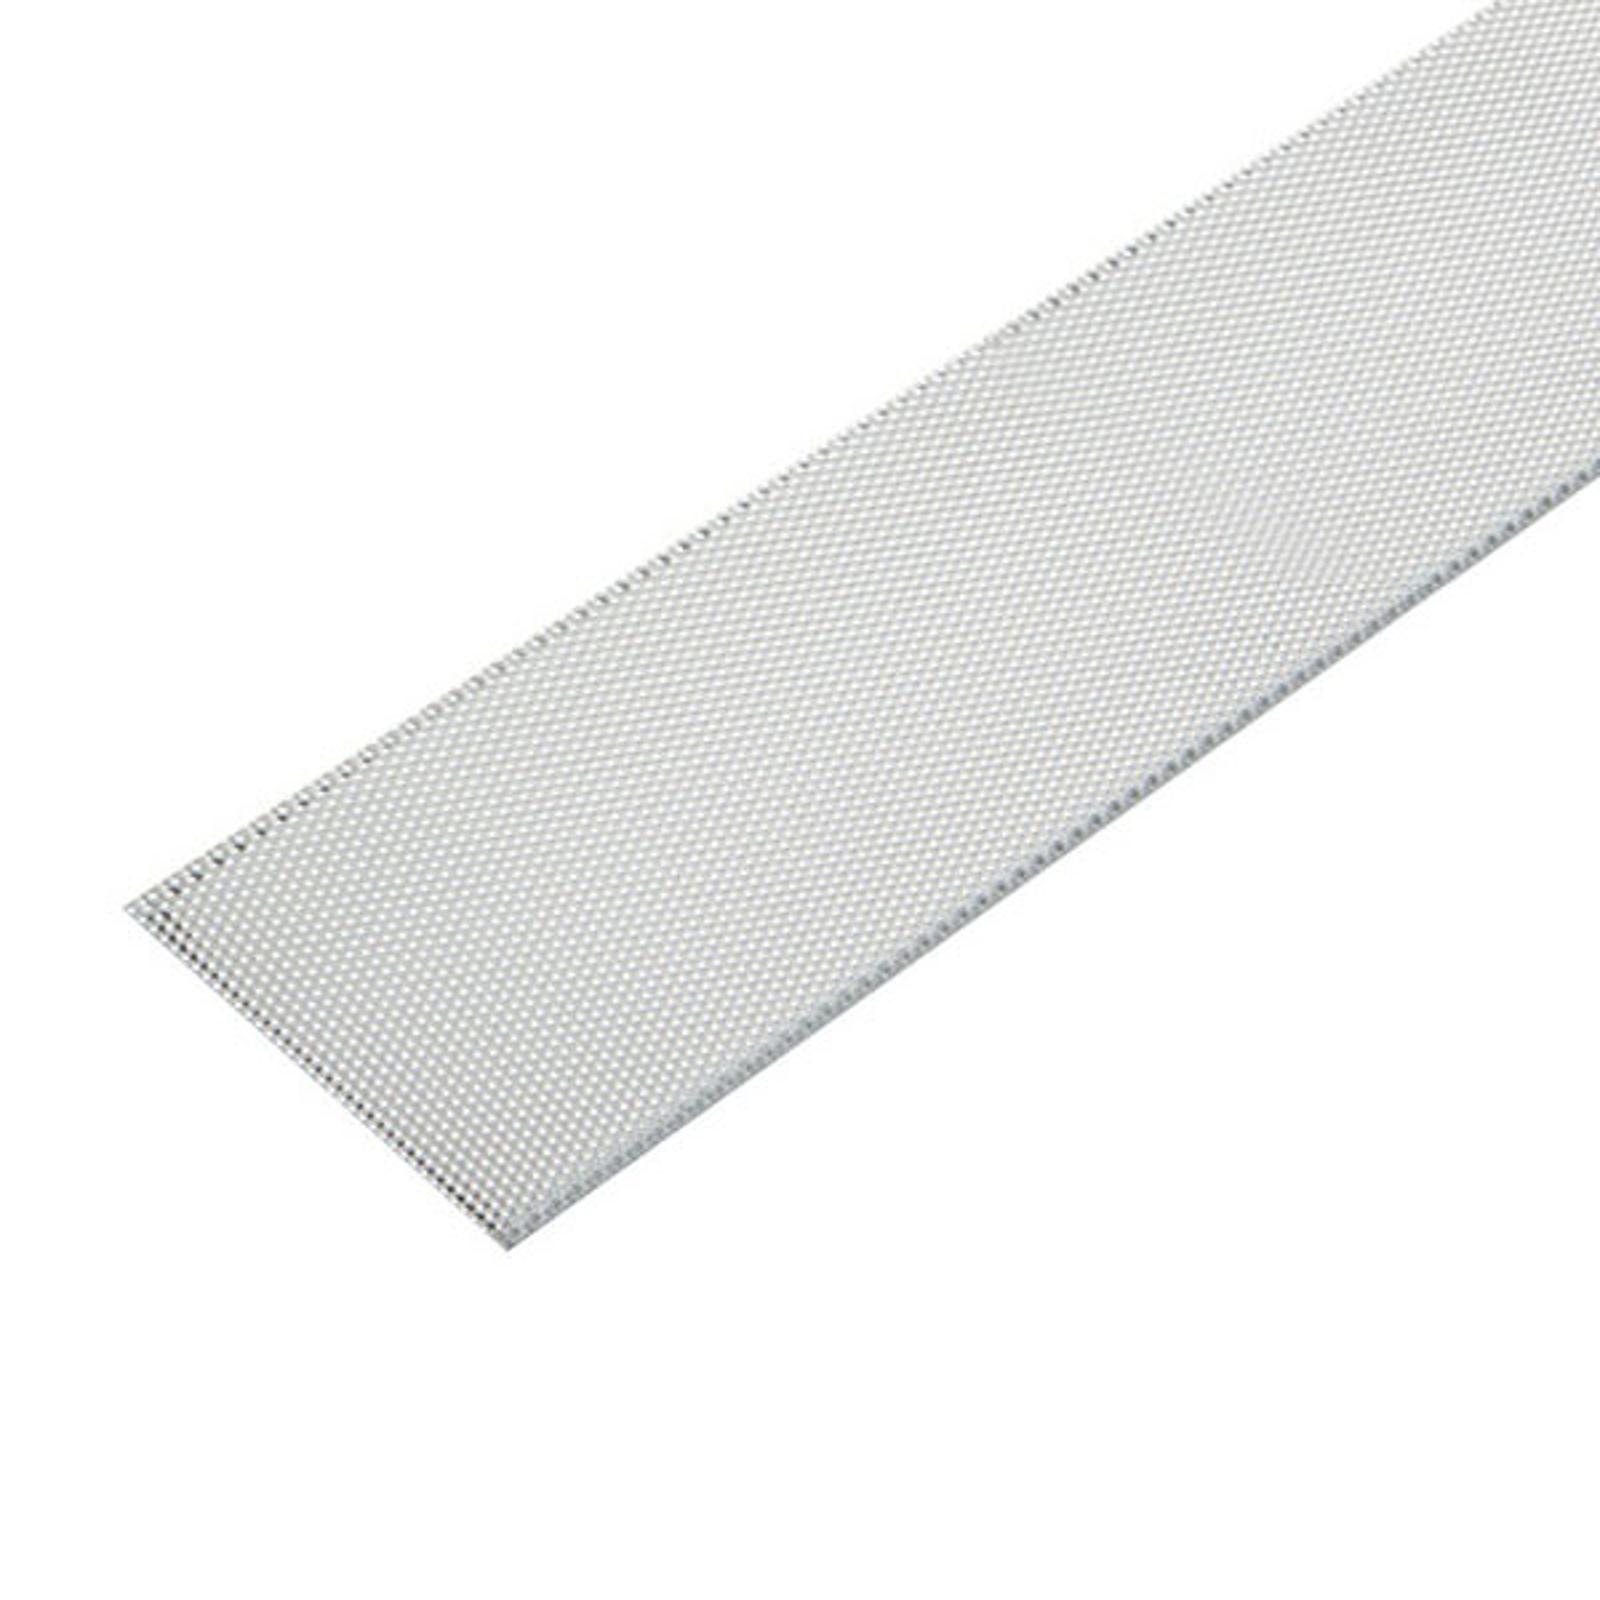 Diffusor für C80-SR, mikroprismatisch, 56,3cm